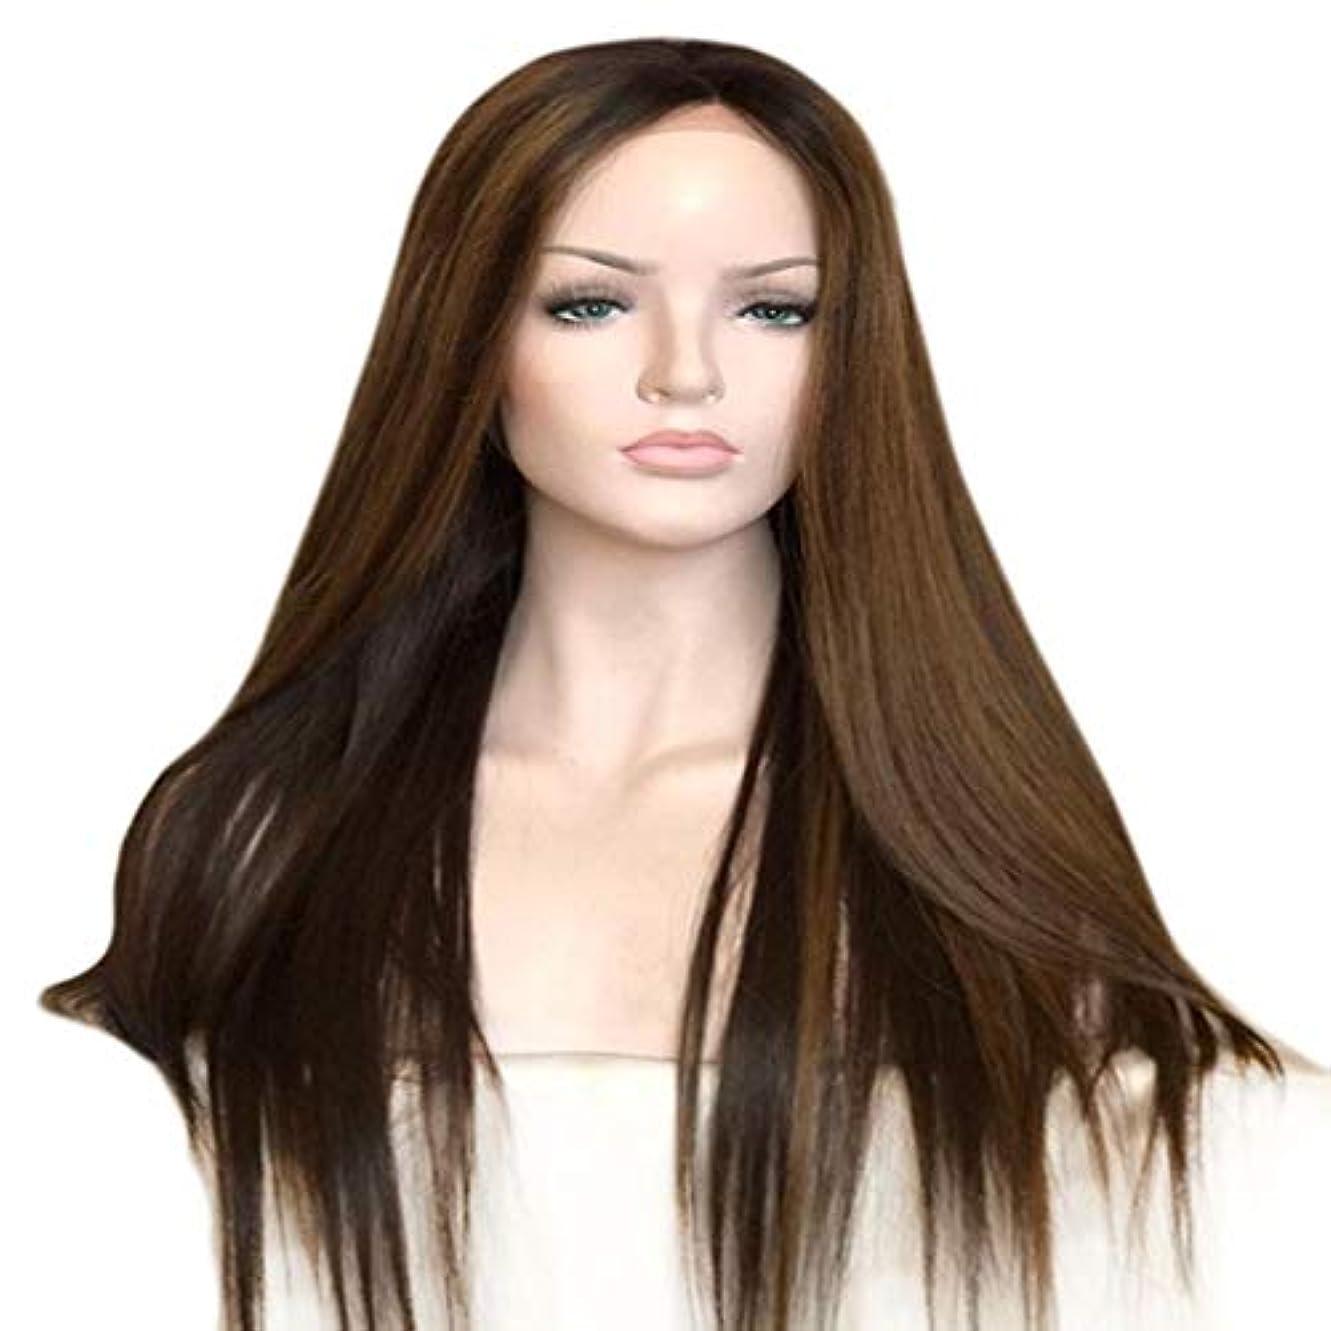 どうやってマーケティング入場料Koloeplf レディースウィッグロングストレートウィッグヘア100%合成耐熱性ストレートウィッグ女性用 (Size : 65cm)